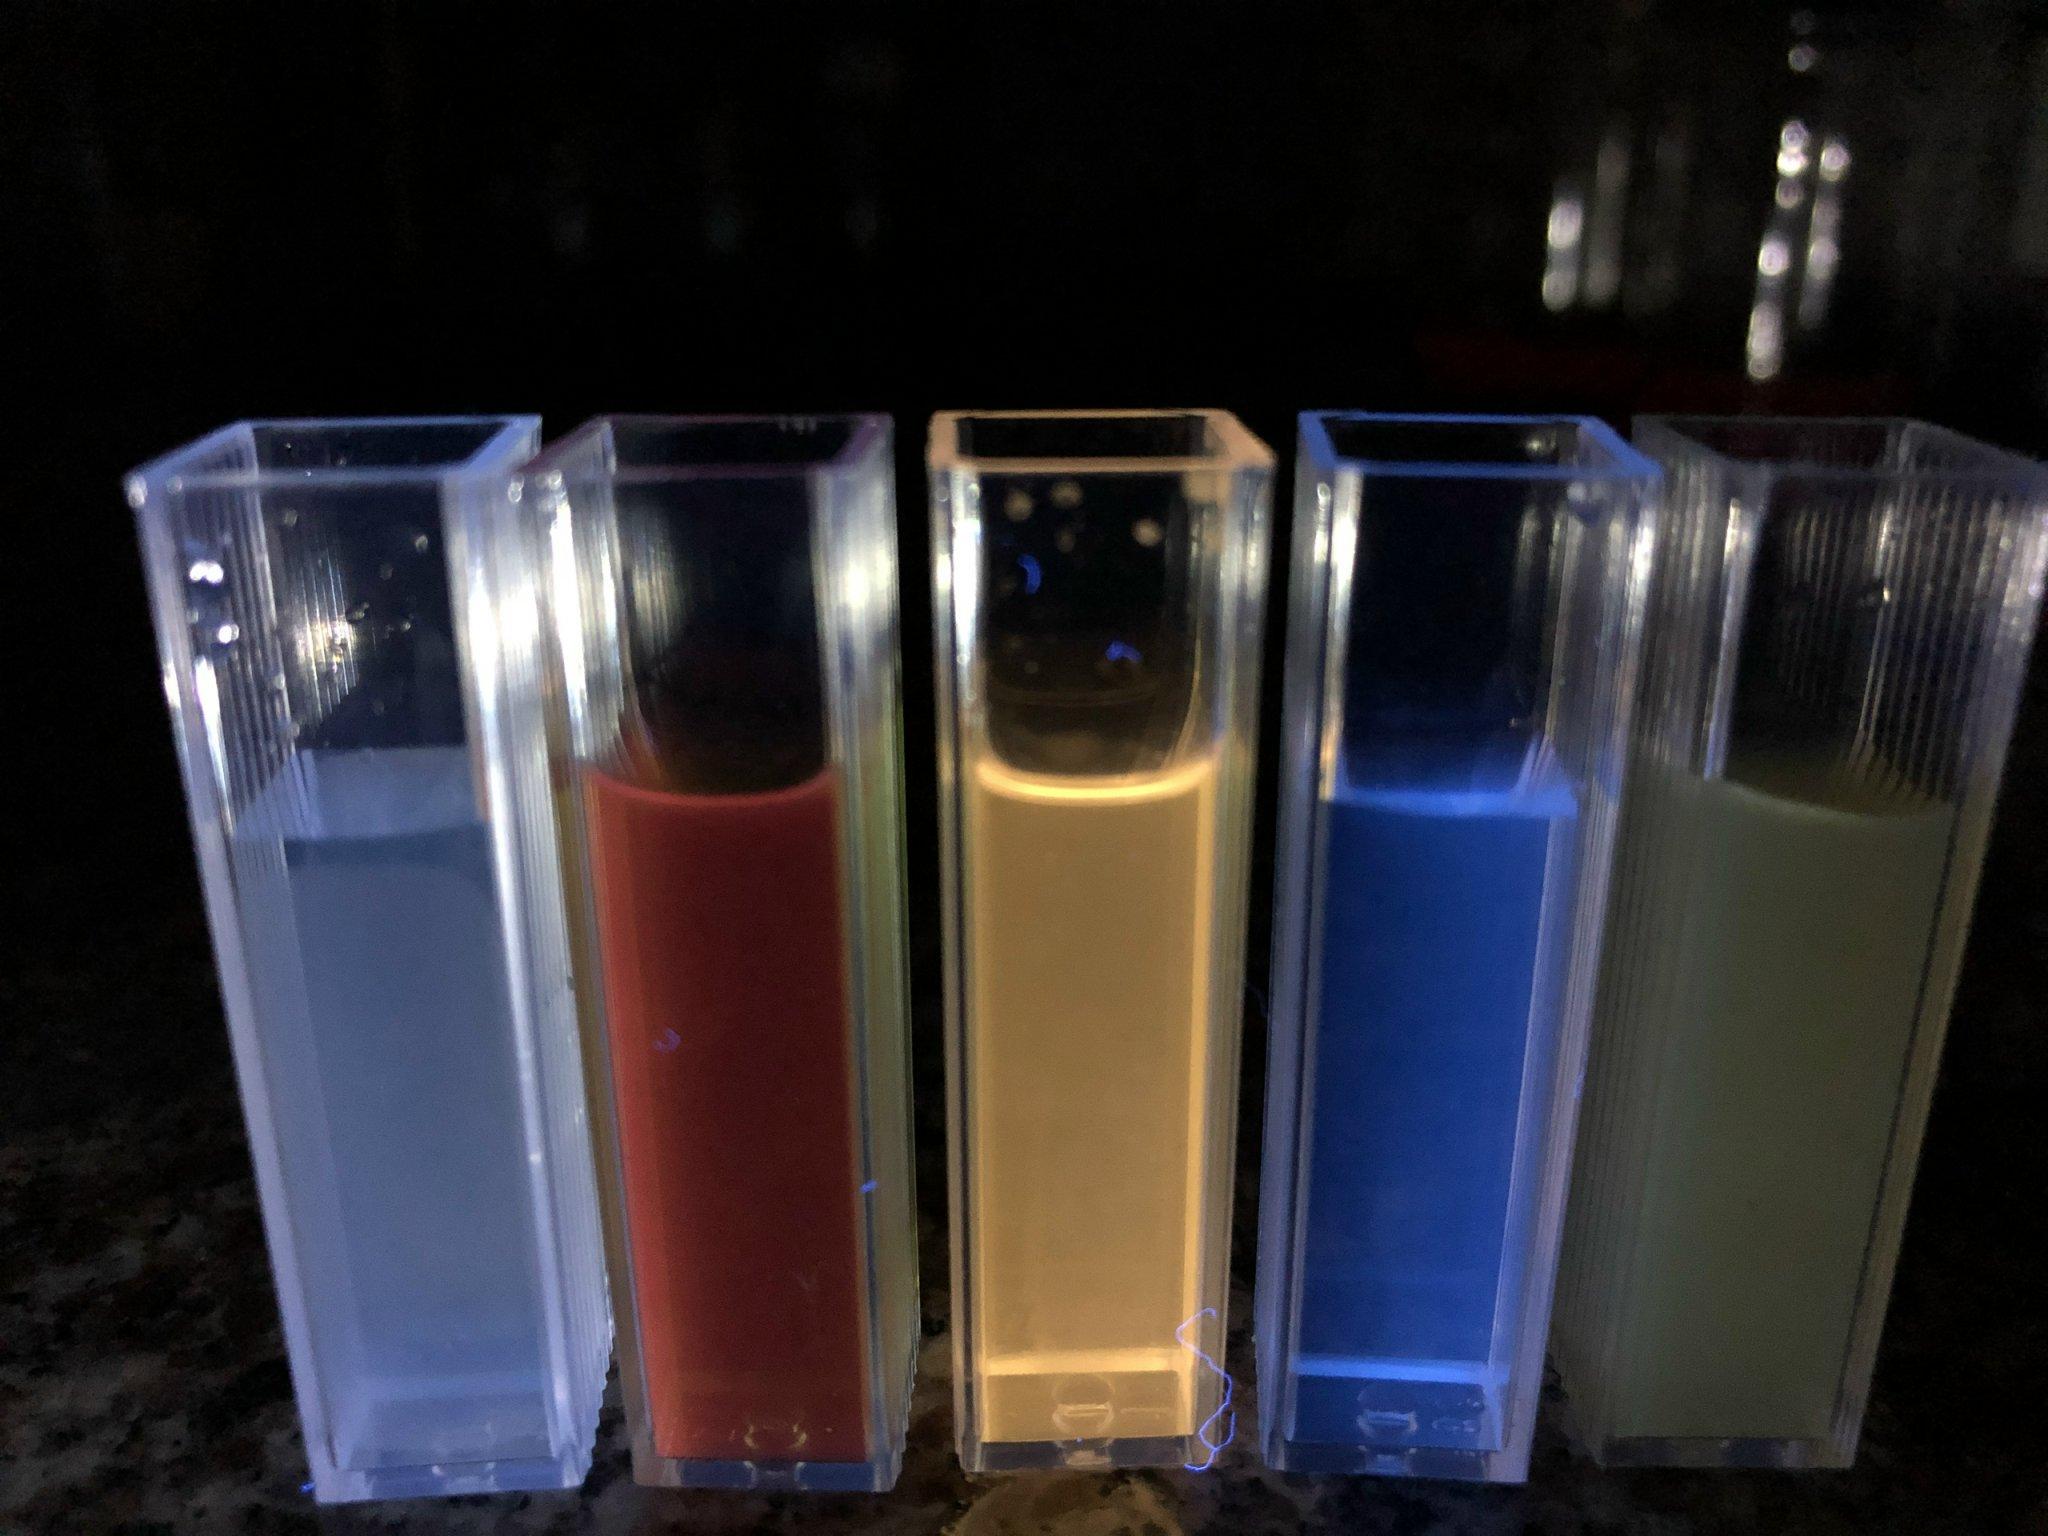 Màu sắc các chấm lượng tử phân tán đều trong môi trường pH 7,4 và phát quang khi được chiếu ánh sáng UV. Độ phát quang giữ được ngay cả khi dung dịch được pha loãng hàng trăm lần   Nguồn: NVCC